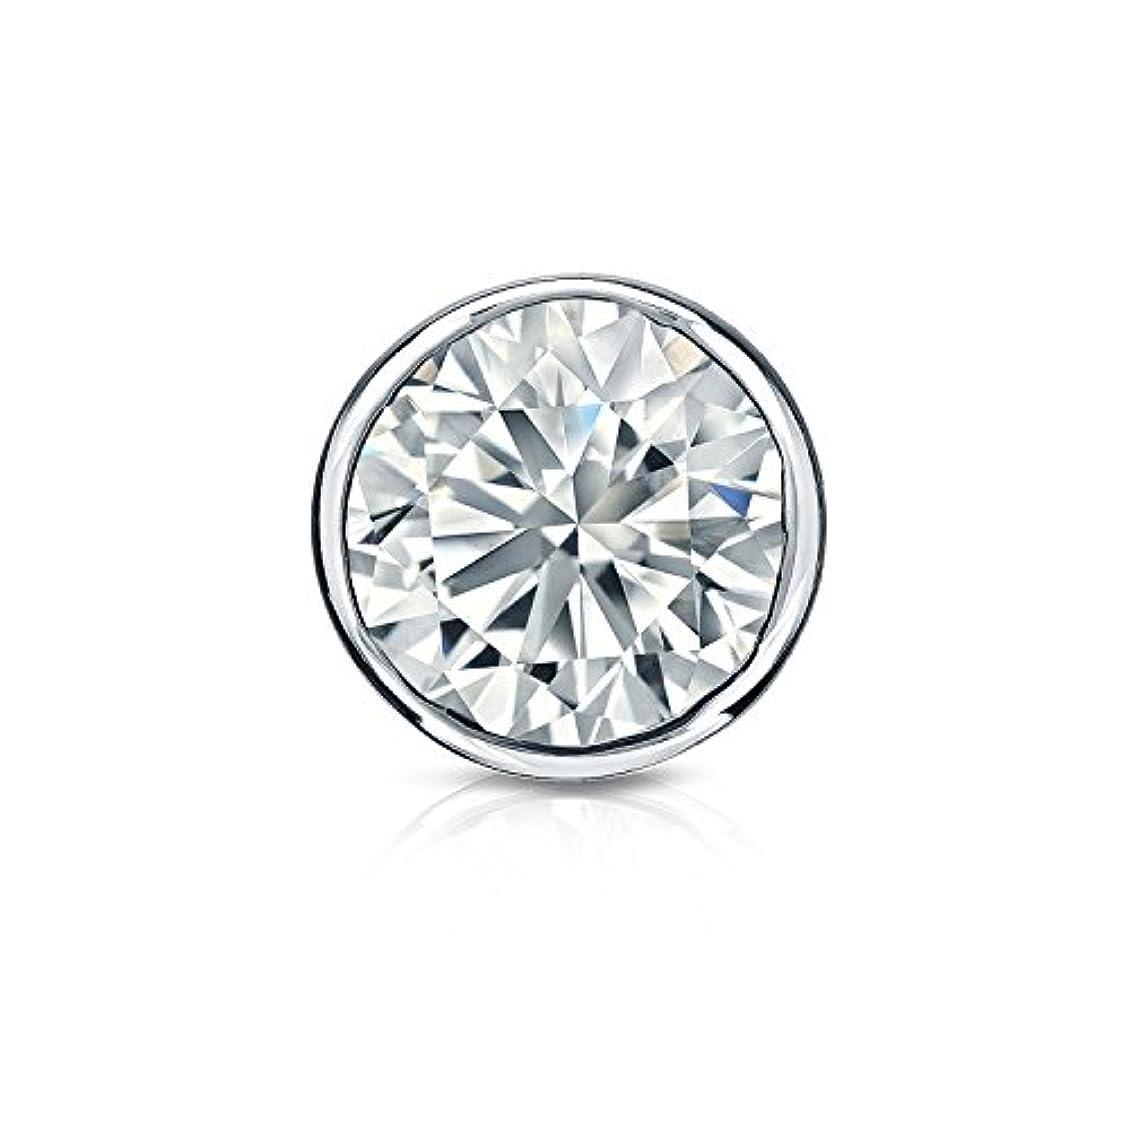 光の個人的なりんご14 KローズゴールドメンズラウンドダイヤモンドSimulant CZベゼルスタッドイヤリング( 1 / 8 – 1カラット、優れた品質)